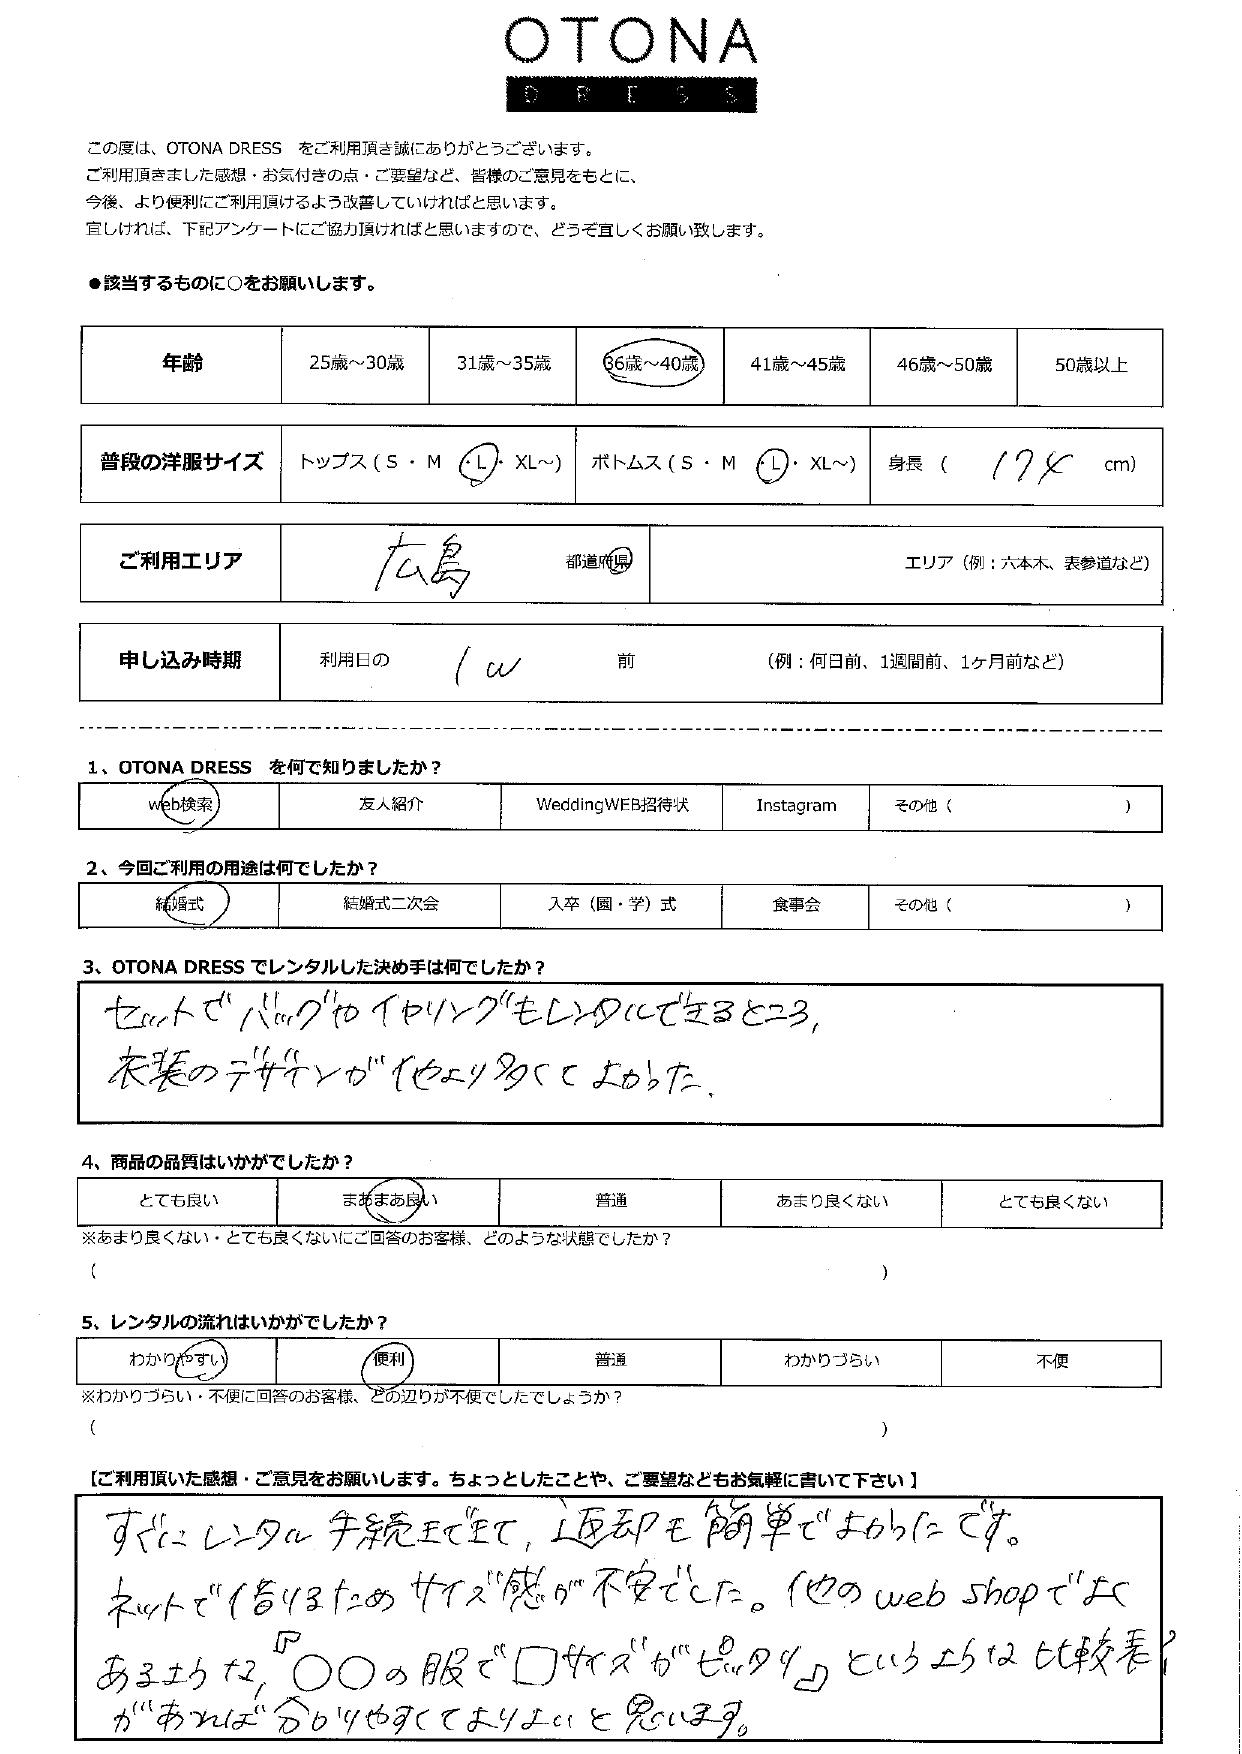 7/25結婚式ご利用 広島エリア